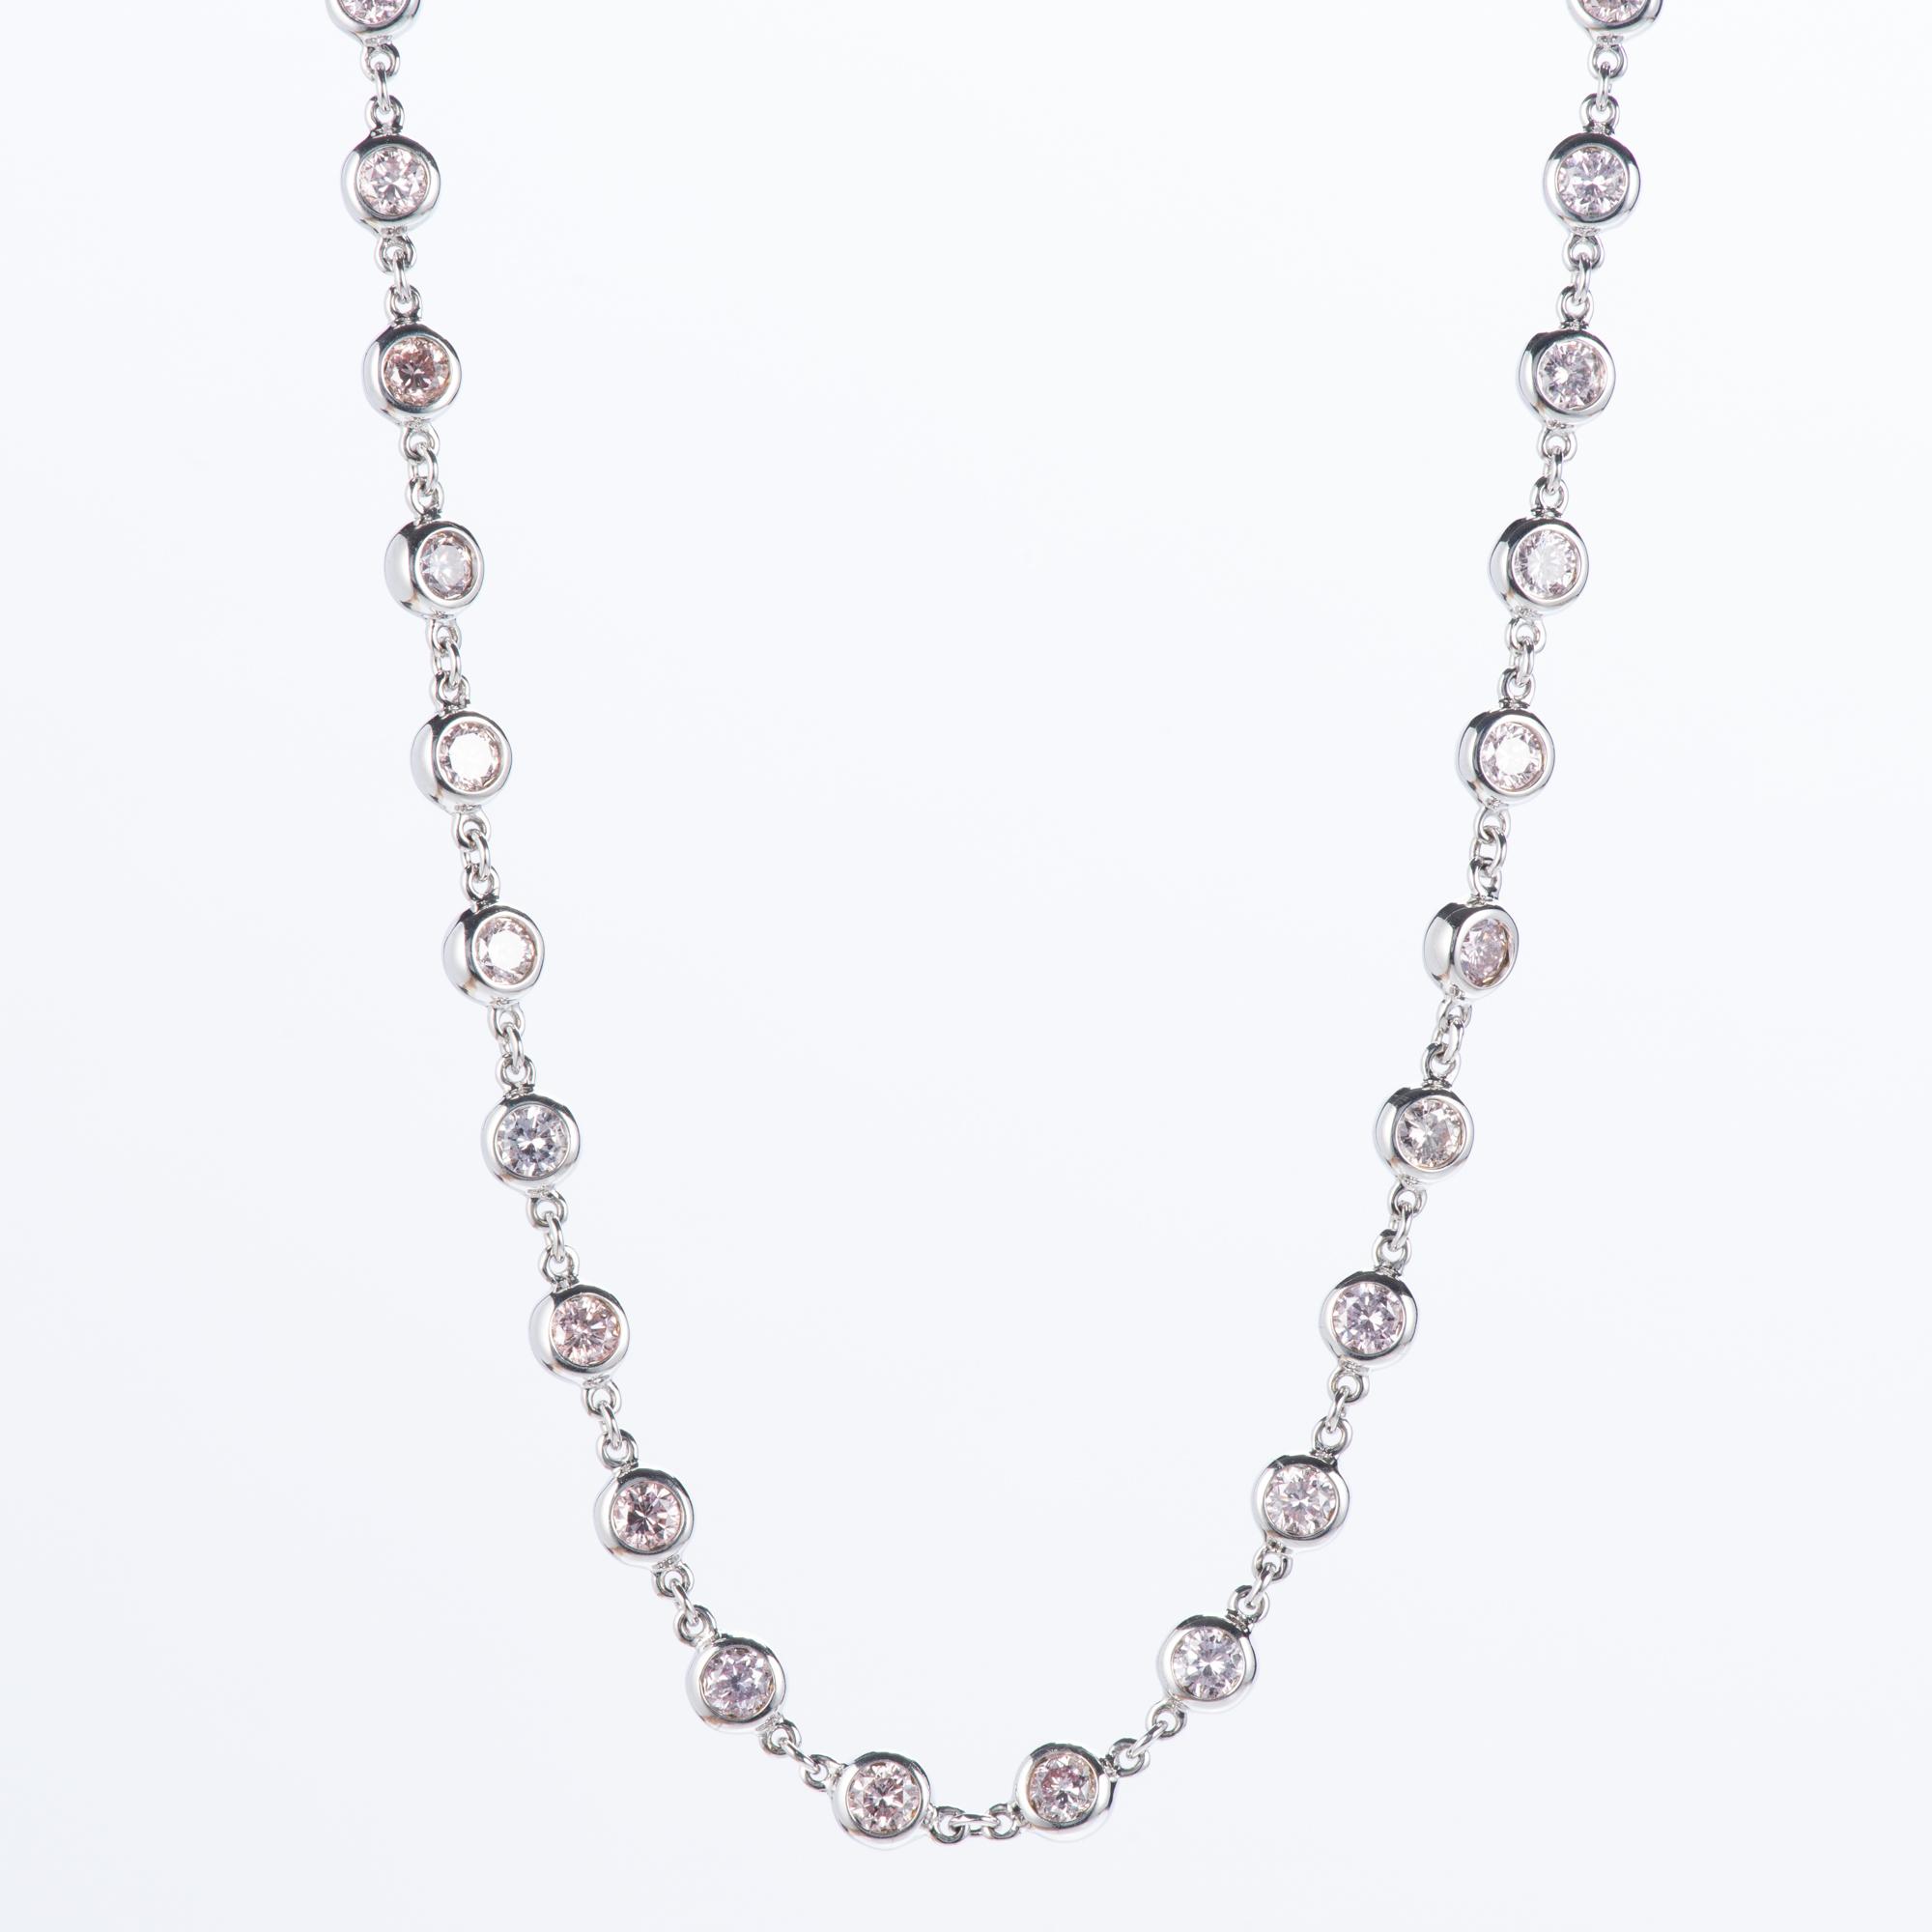 5.17ct ピンクダイヤモンドネックレス ホワイトゴールド製